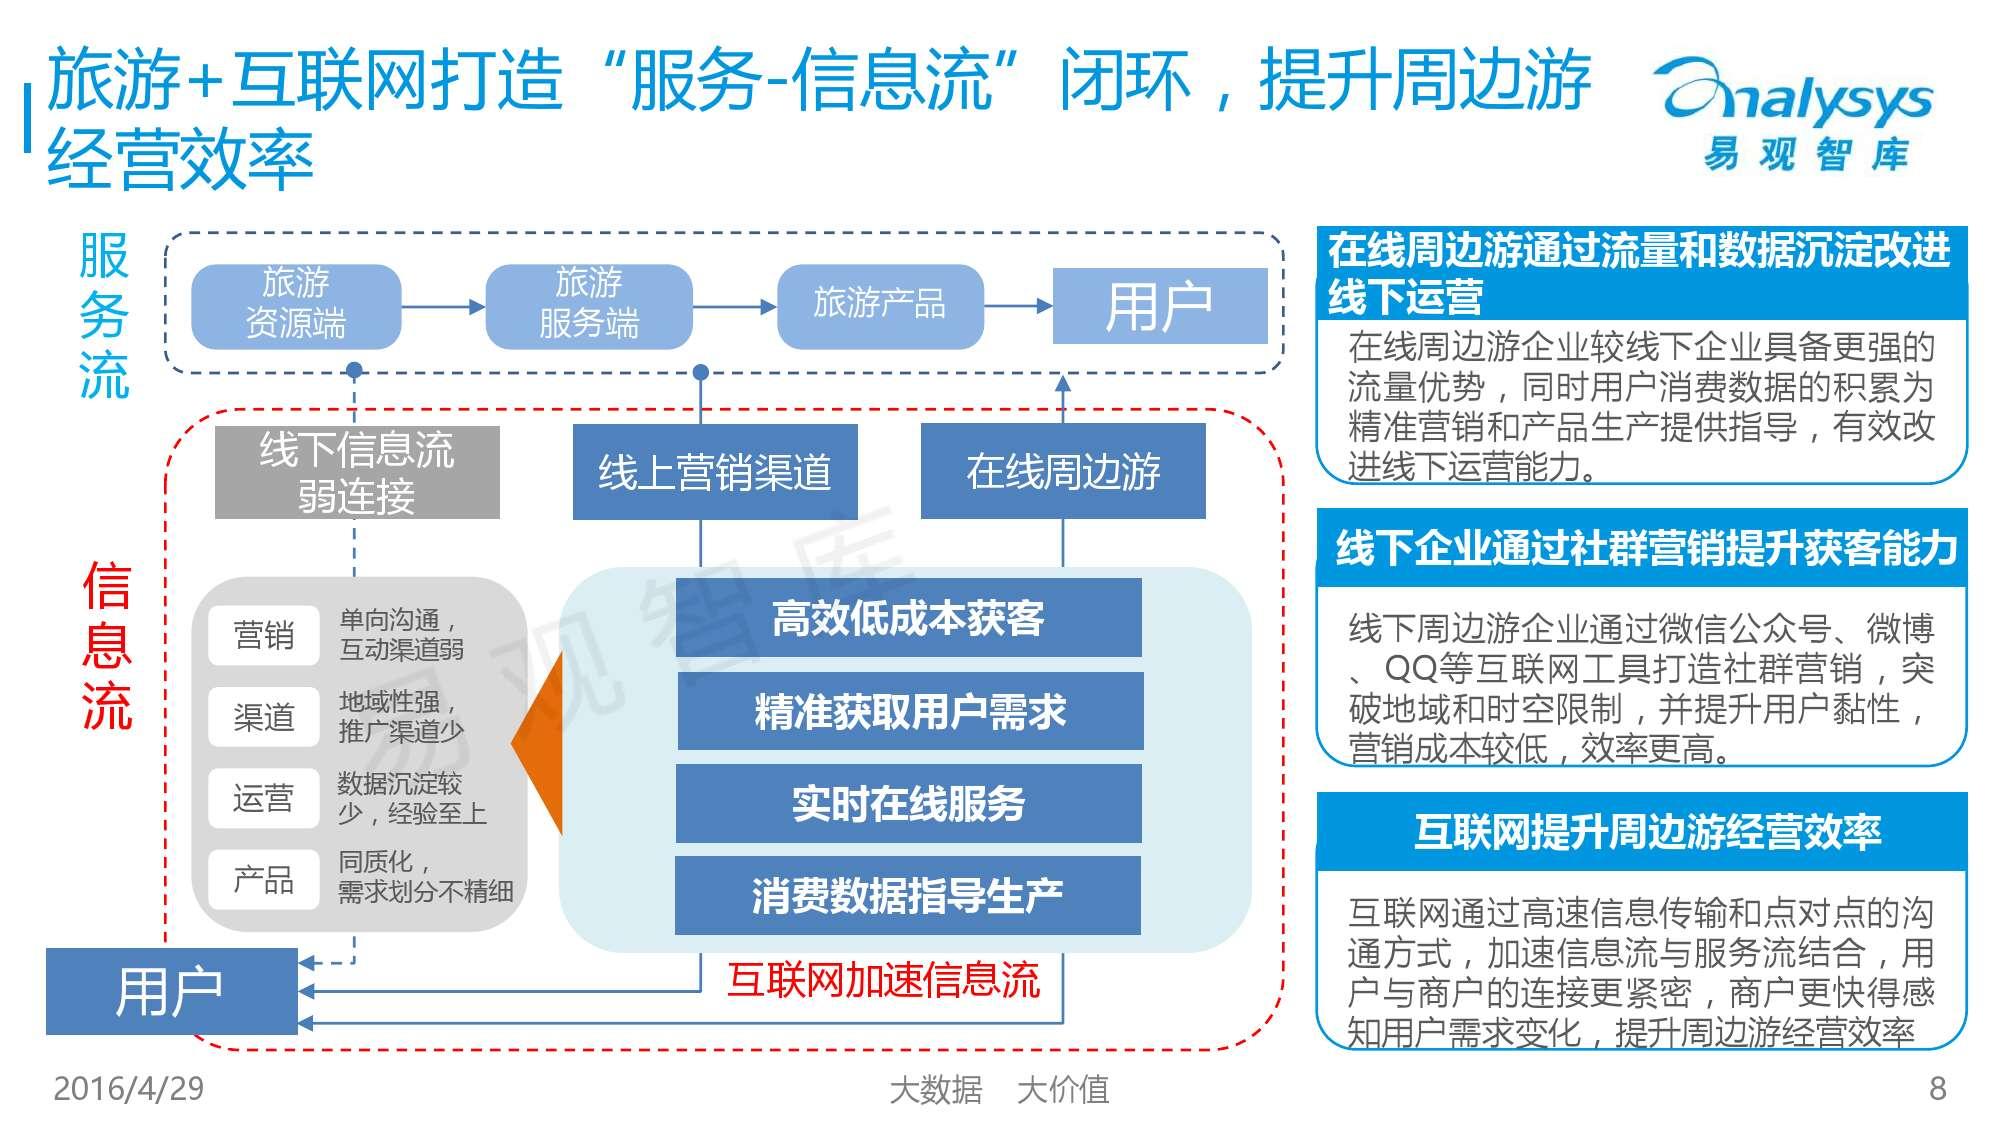 中国在线周边自助游市场专题研究报告2016_000008